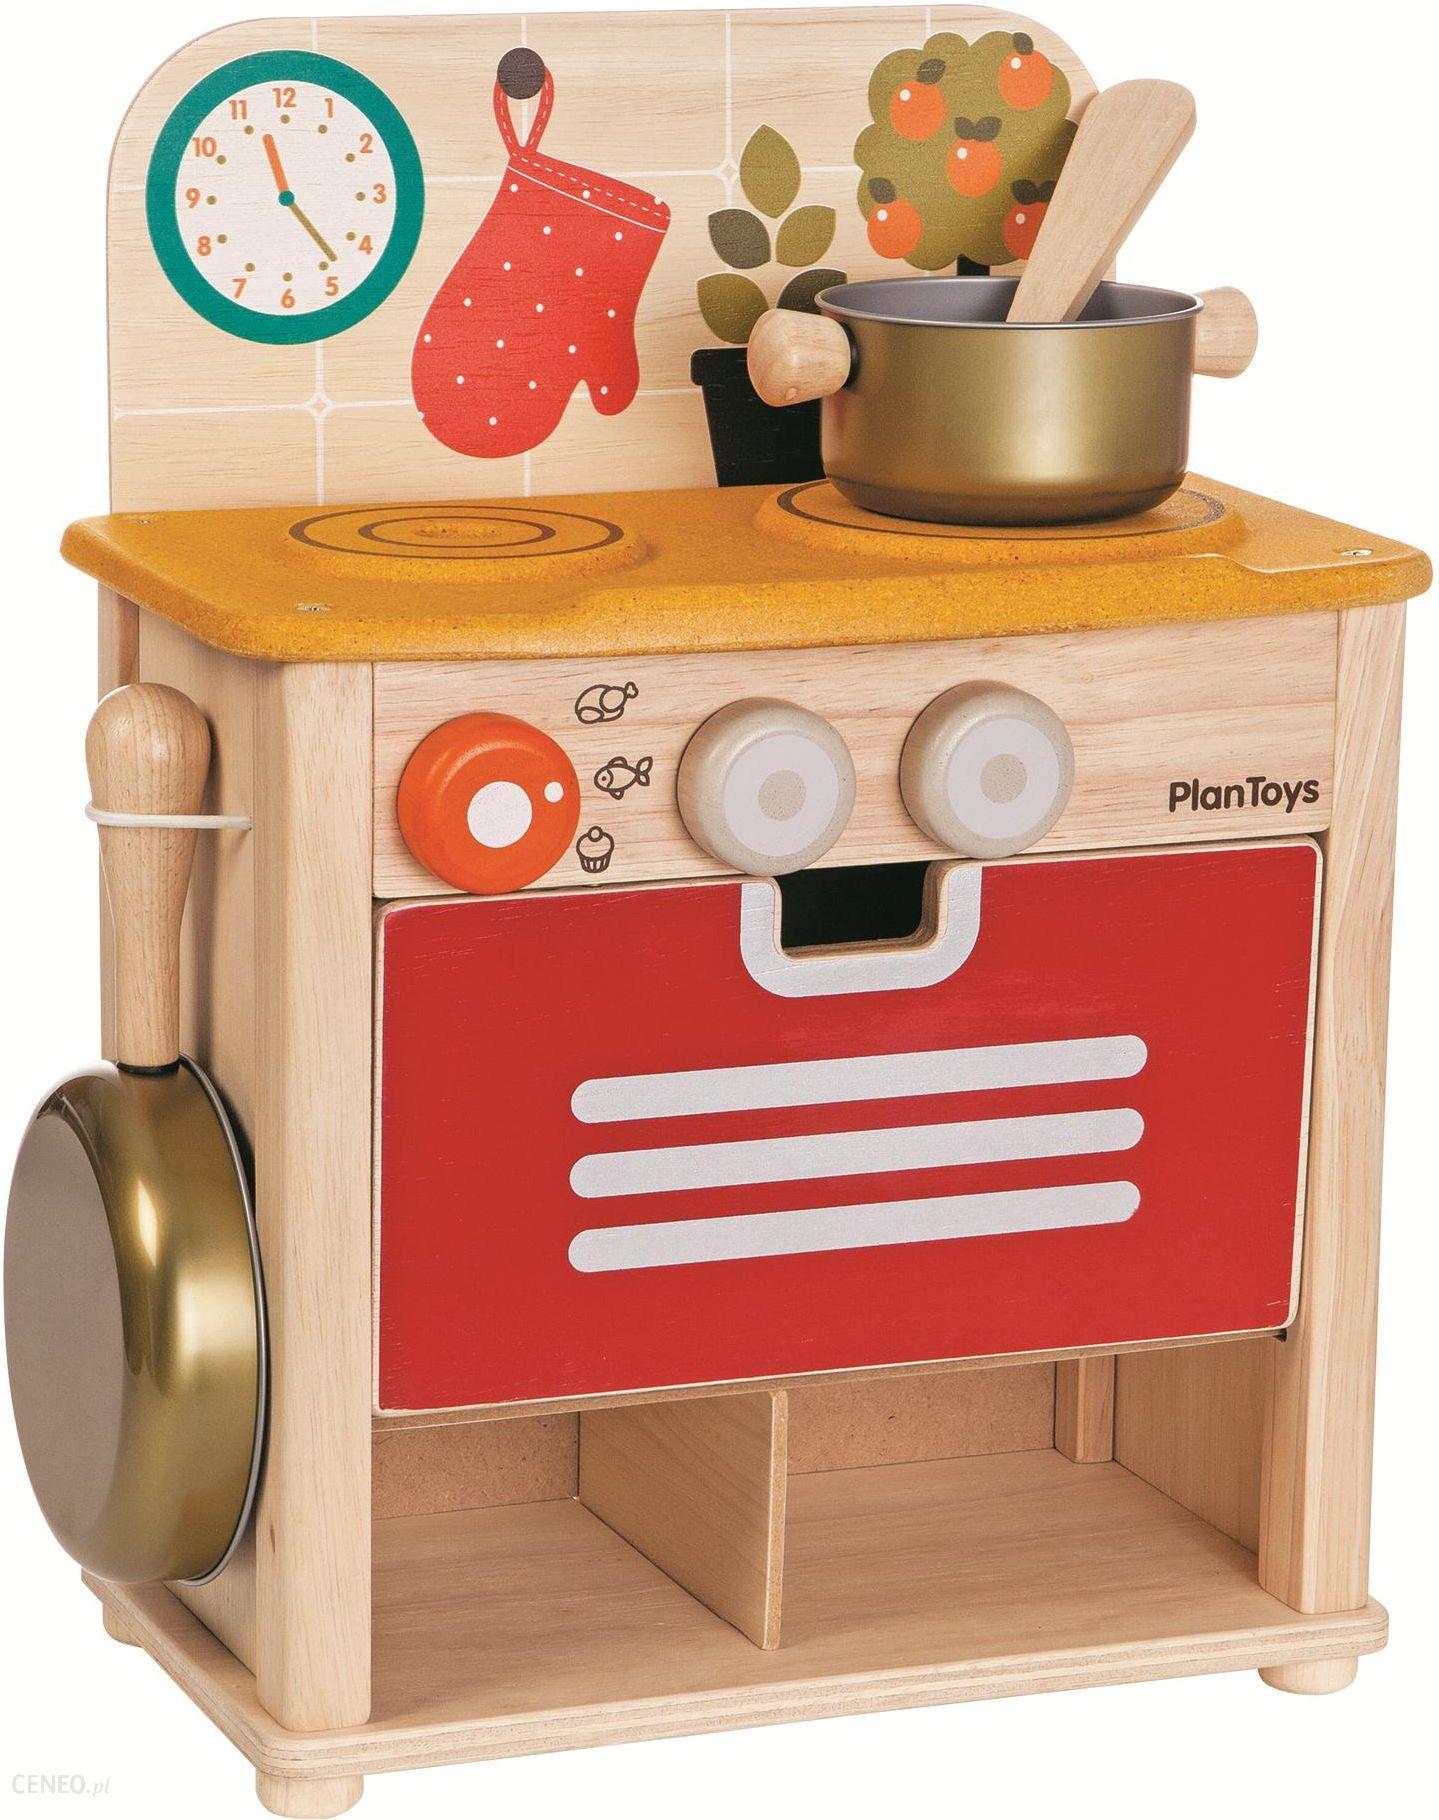 Plan Toys Kuchnia Zestaw Do Gotowania Plto 3603